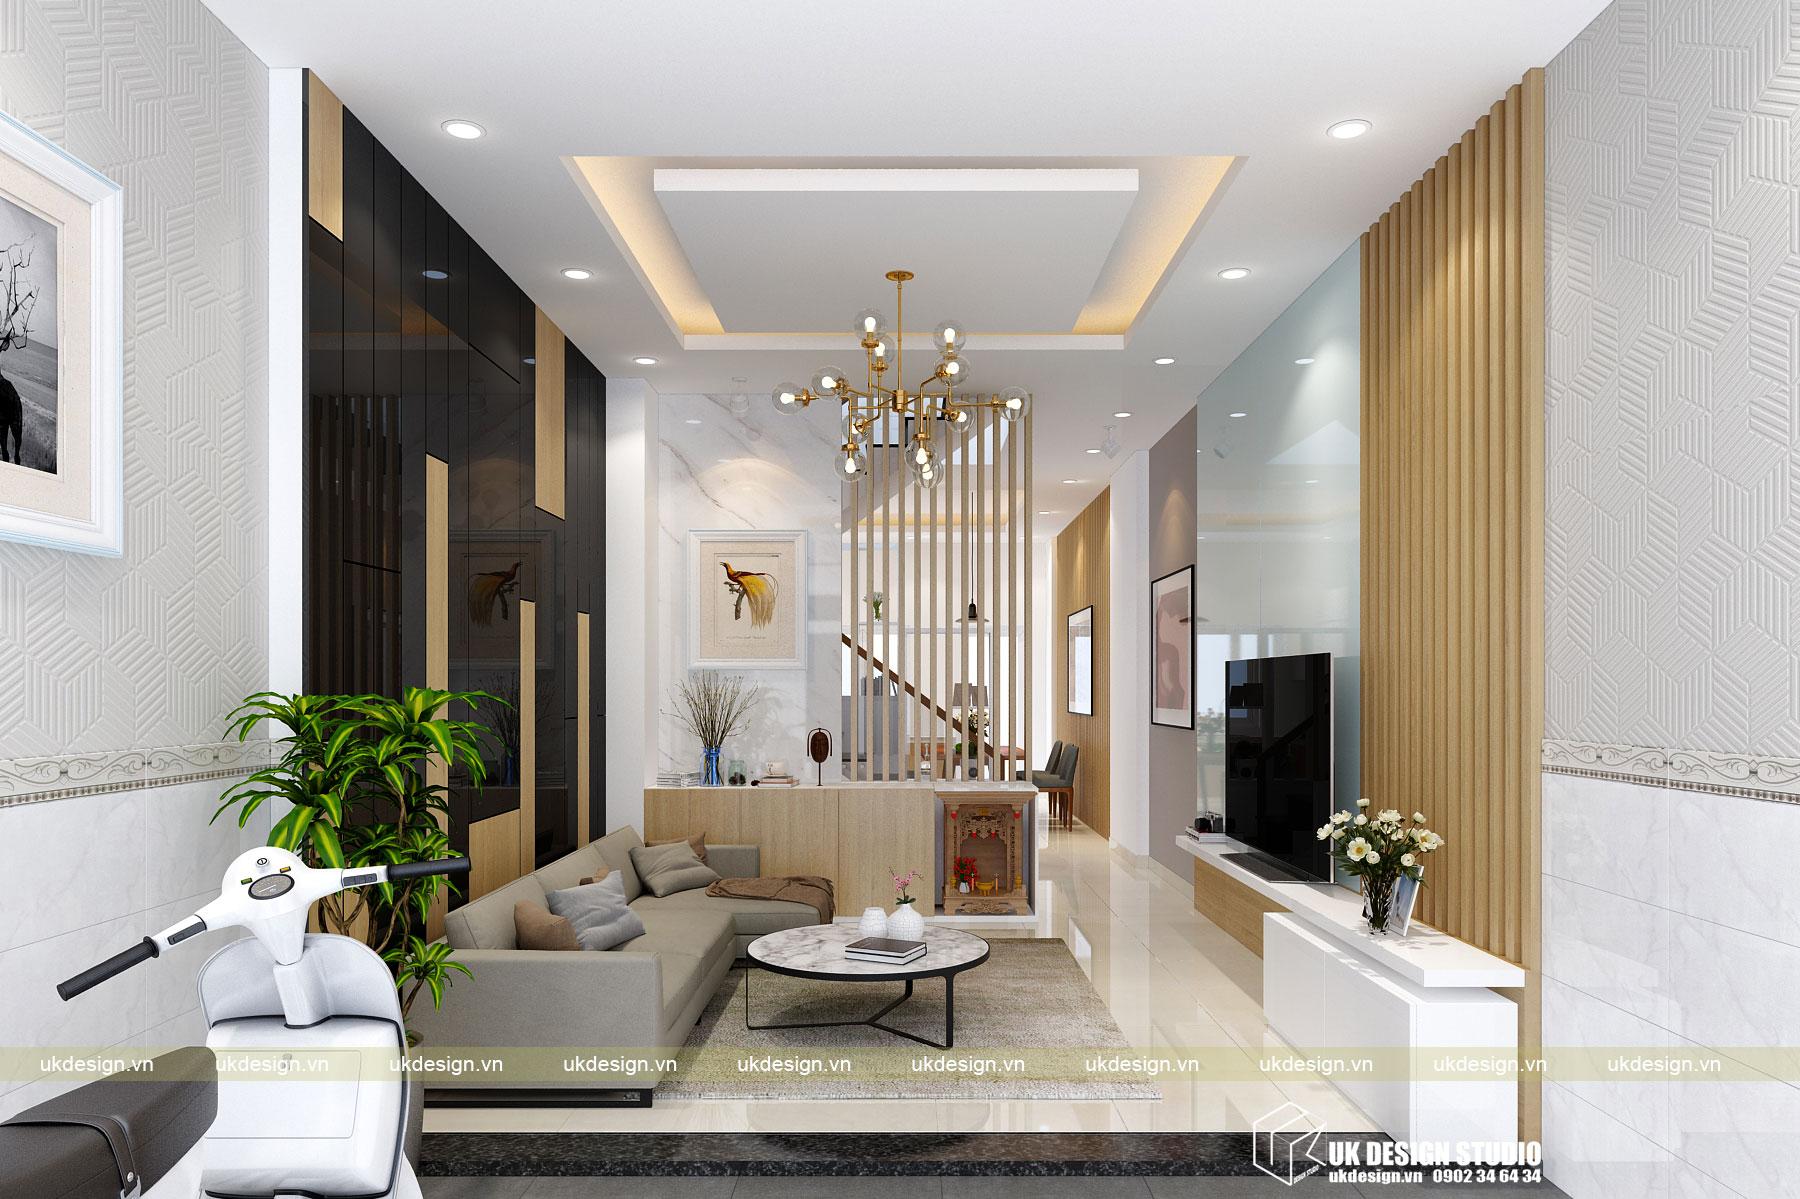 Thiết kế nội thất nhà phố 4m 1